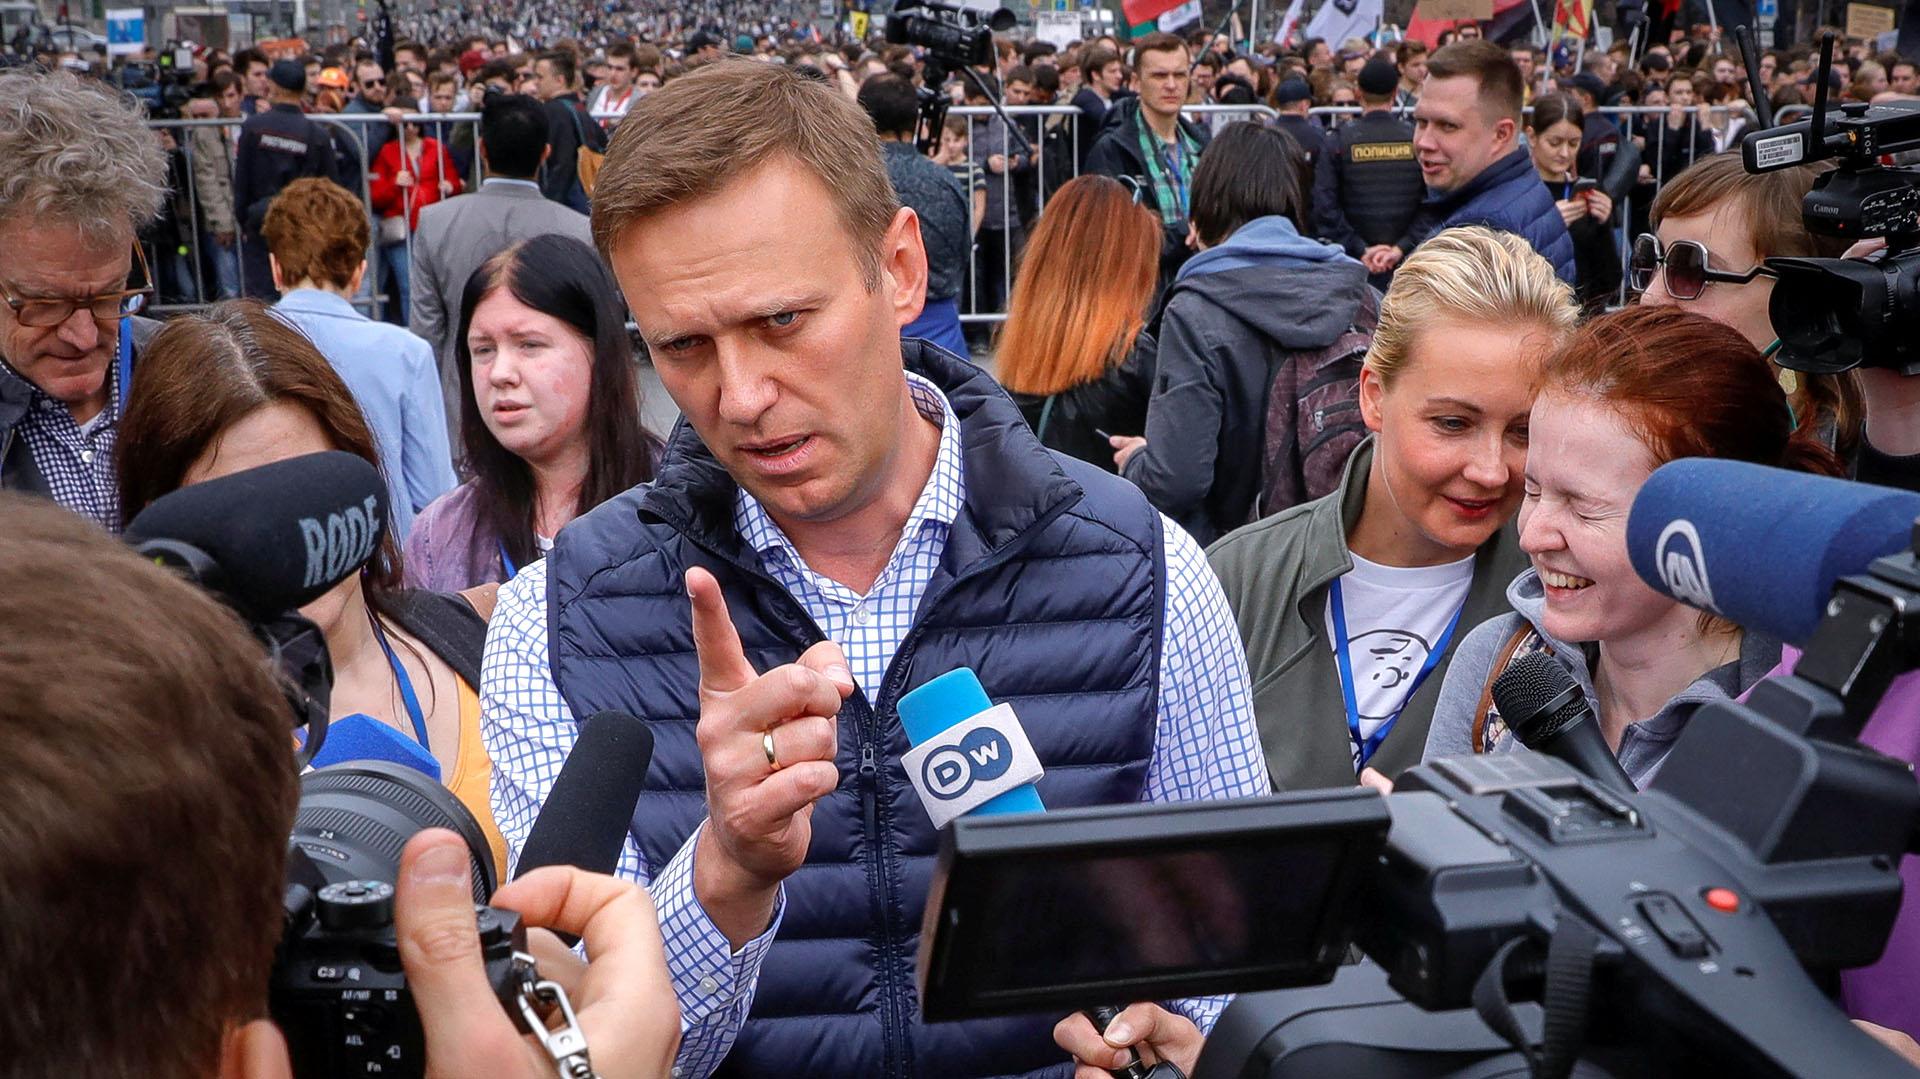 La policía, que había advertido contra la participación en la manifestación no autorizada por el Ayuntamiento de Moscú, empleó la fuerza durante la detención de Navalni y de varios manifestantes (Reuters)